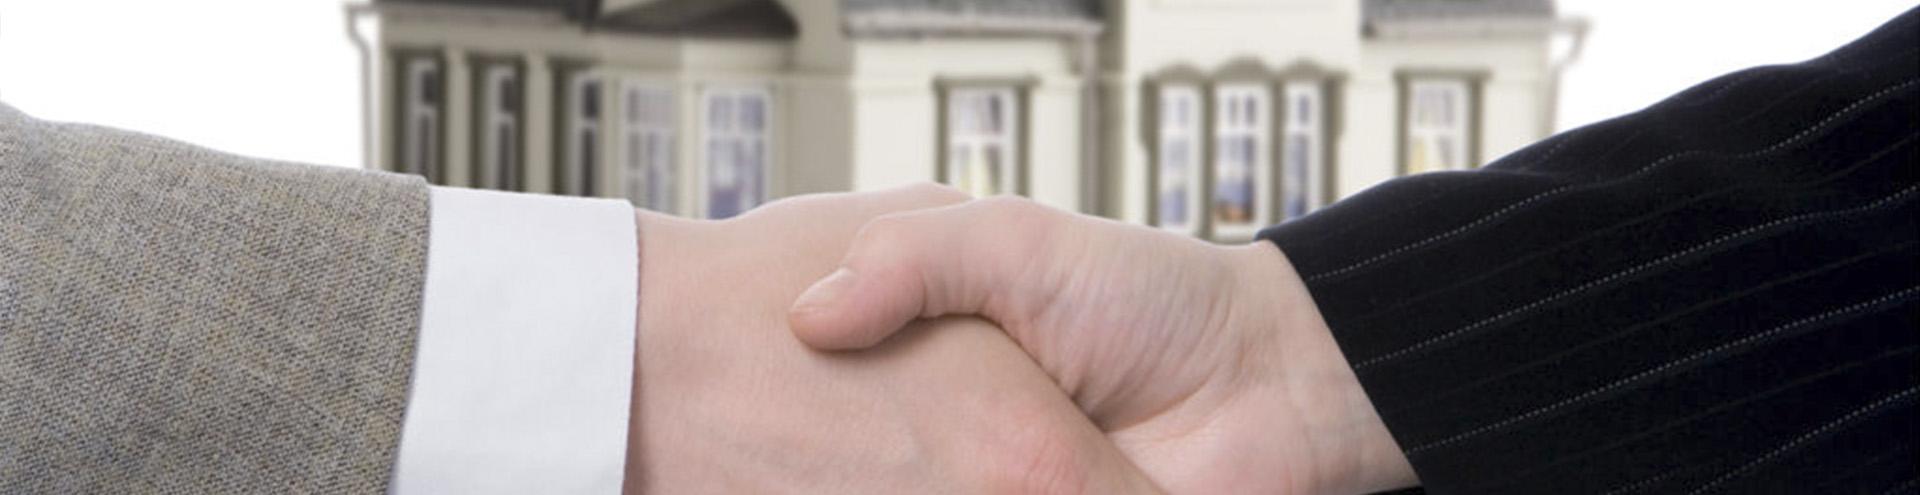 реализация имущества при банкротстве физического лица в Оренбурге